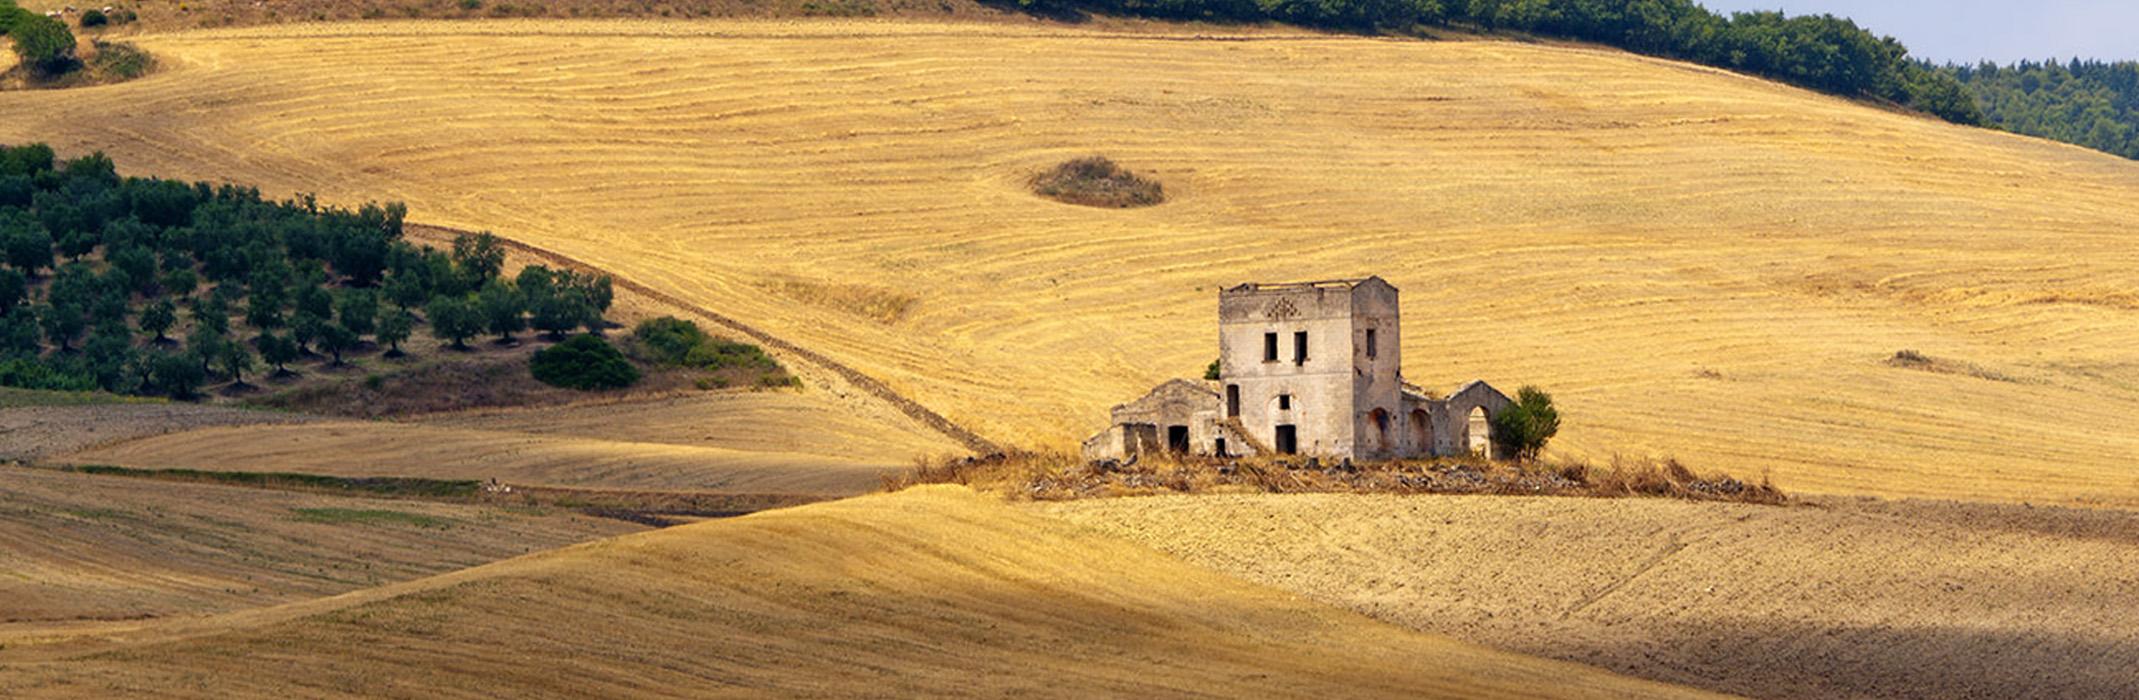 Stigliano-Basilicata-Antico-Pastificio-Sarubbi-Hotel-Matera-copia